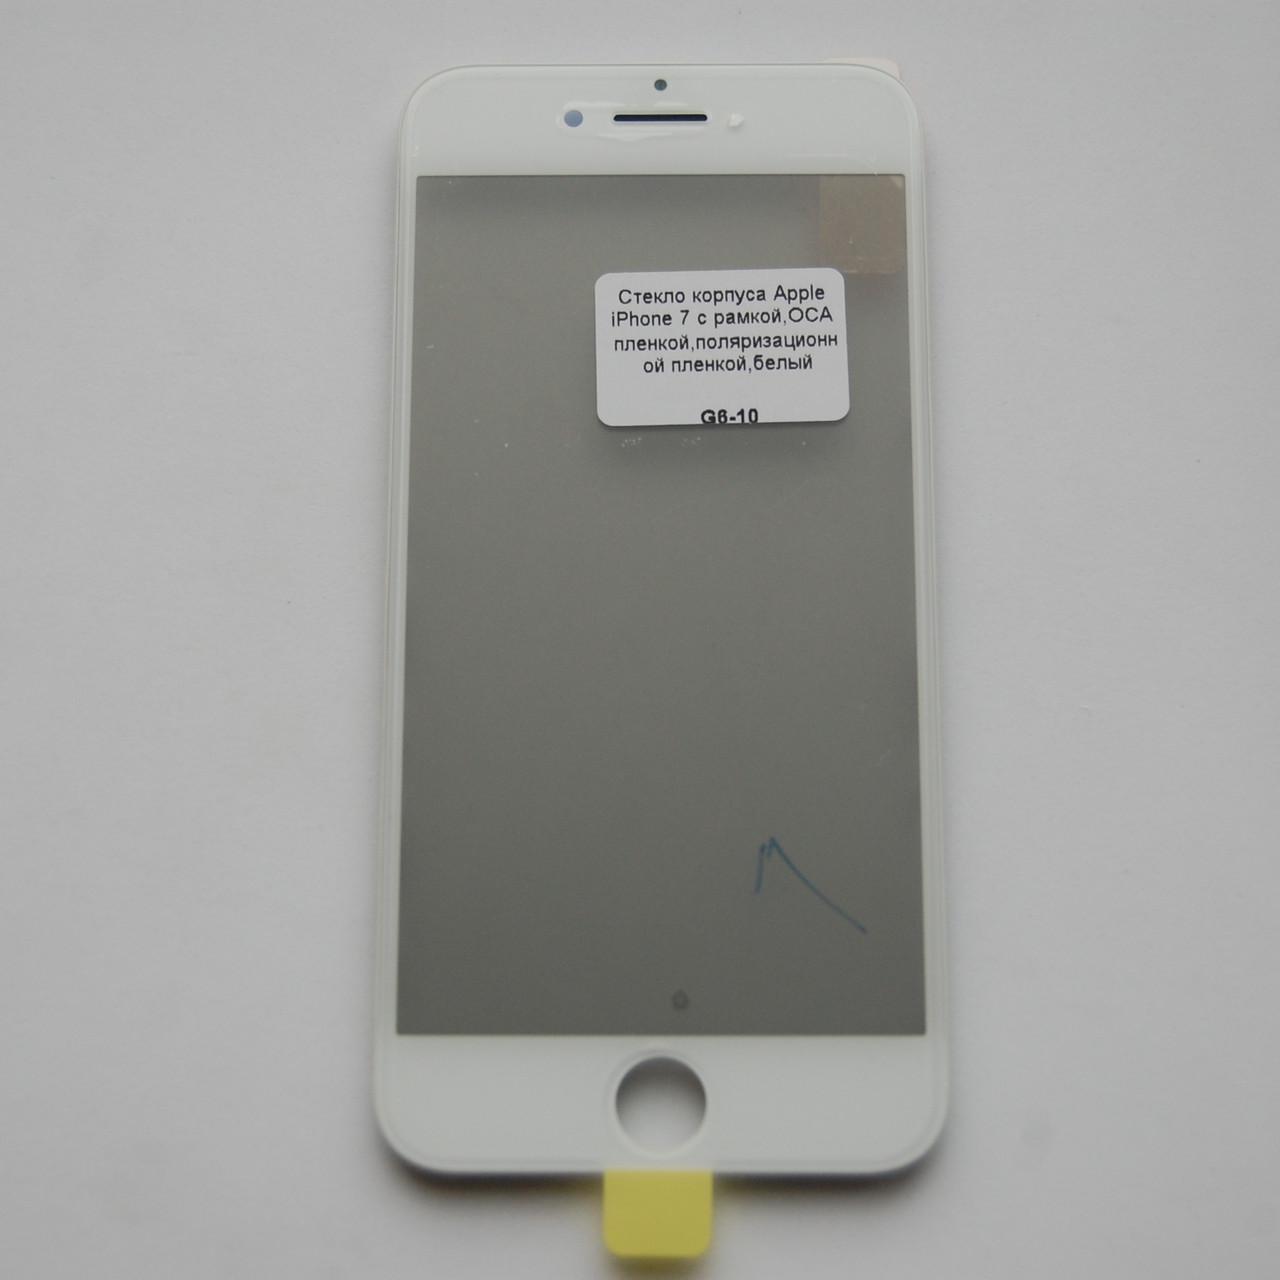 Стекло корпуса Apple iPhone 7 с рамкой,OCA пленкой,поляризационной пленкой,белый